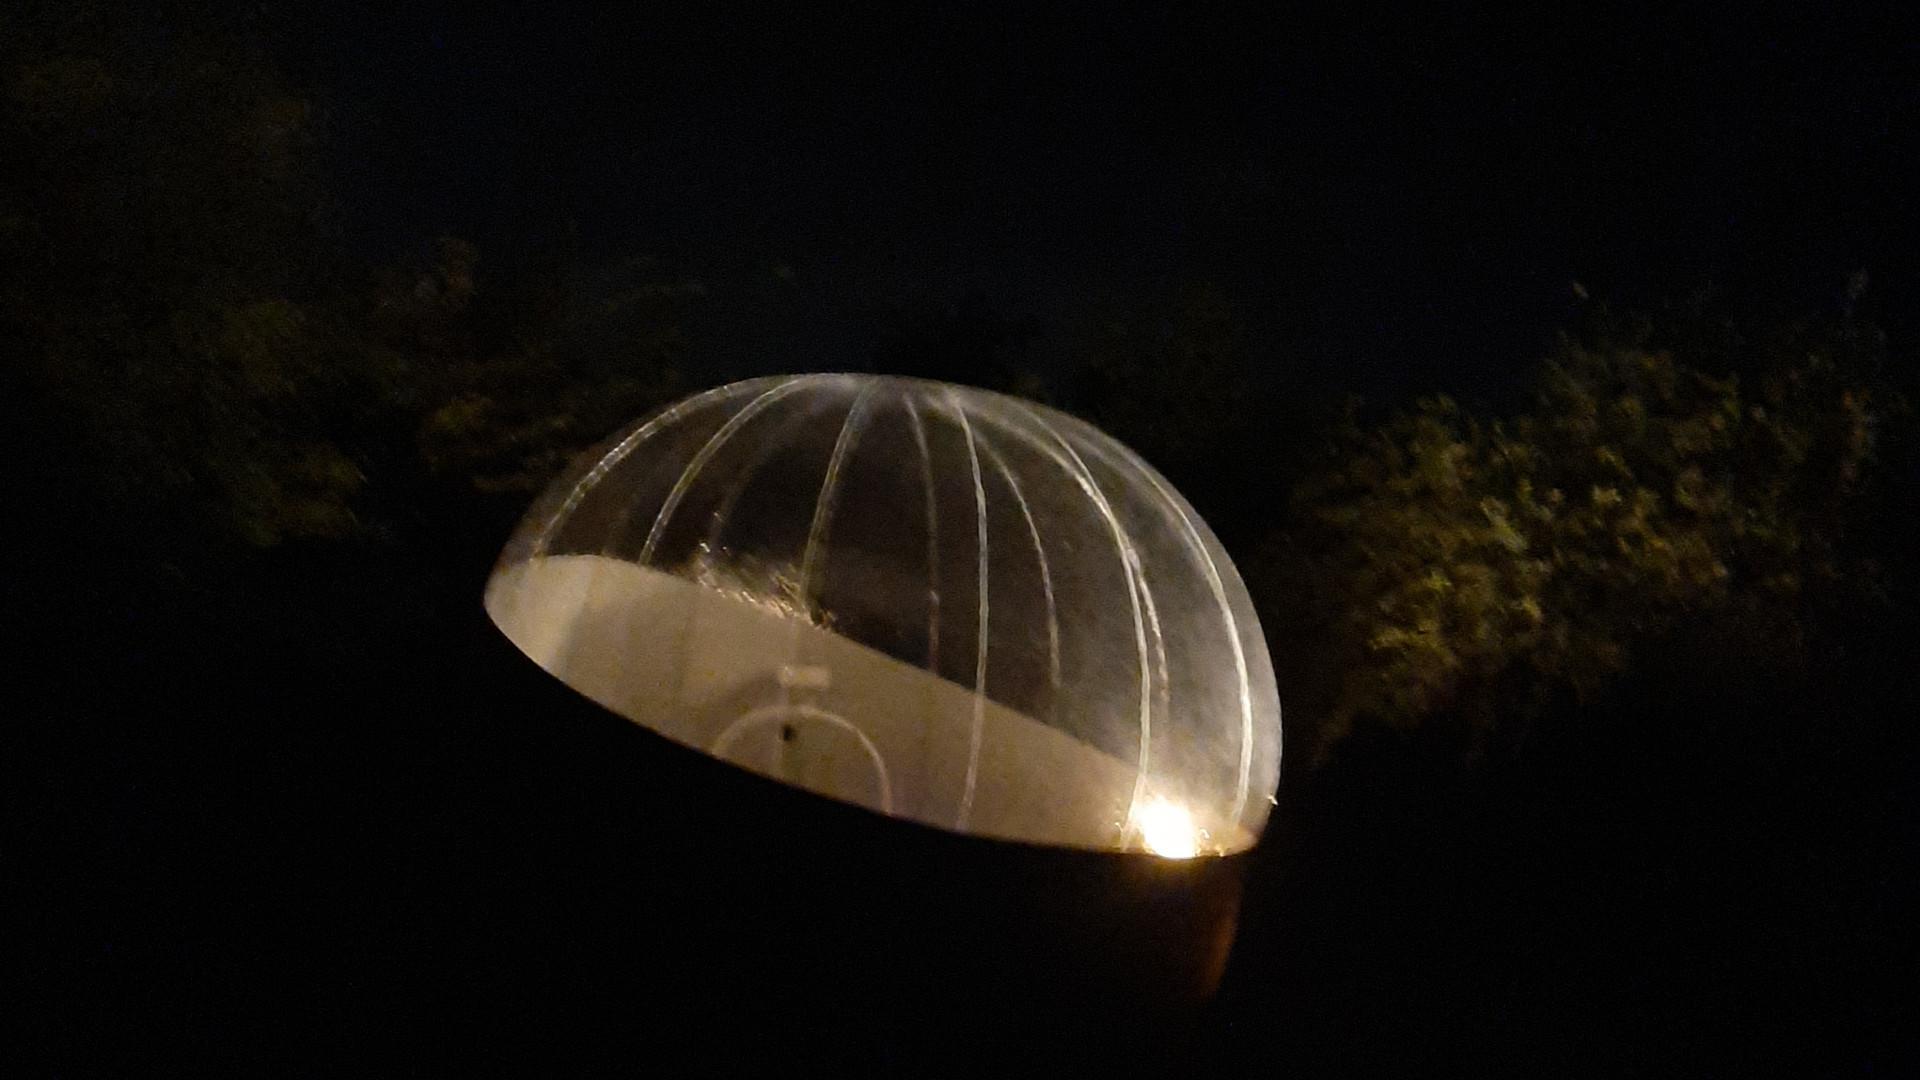 The bubble huts brand